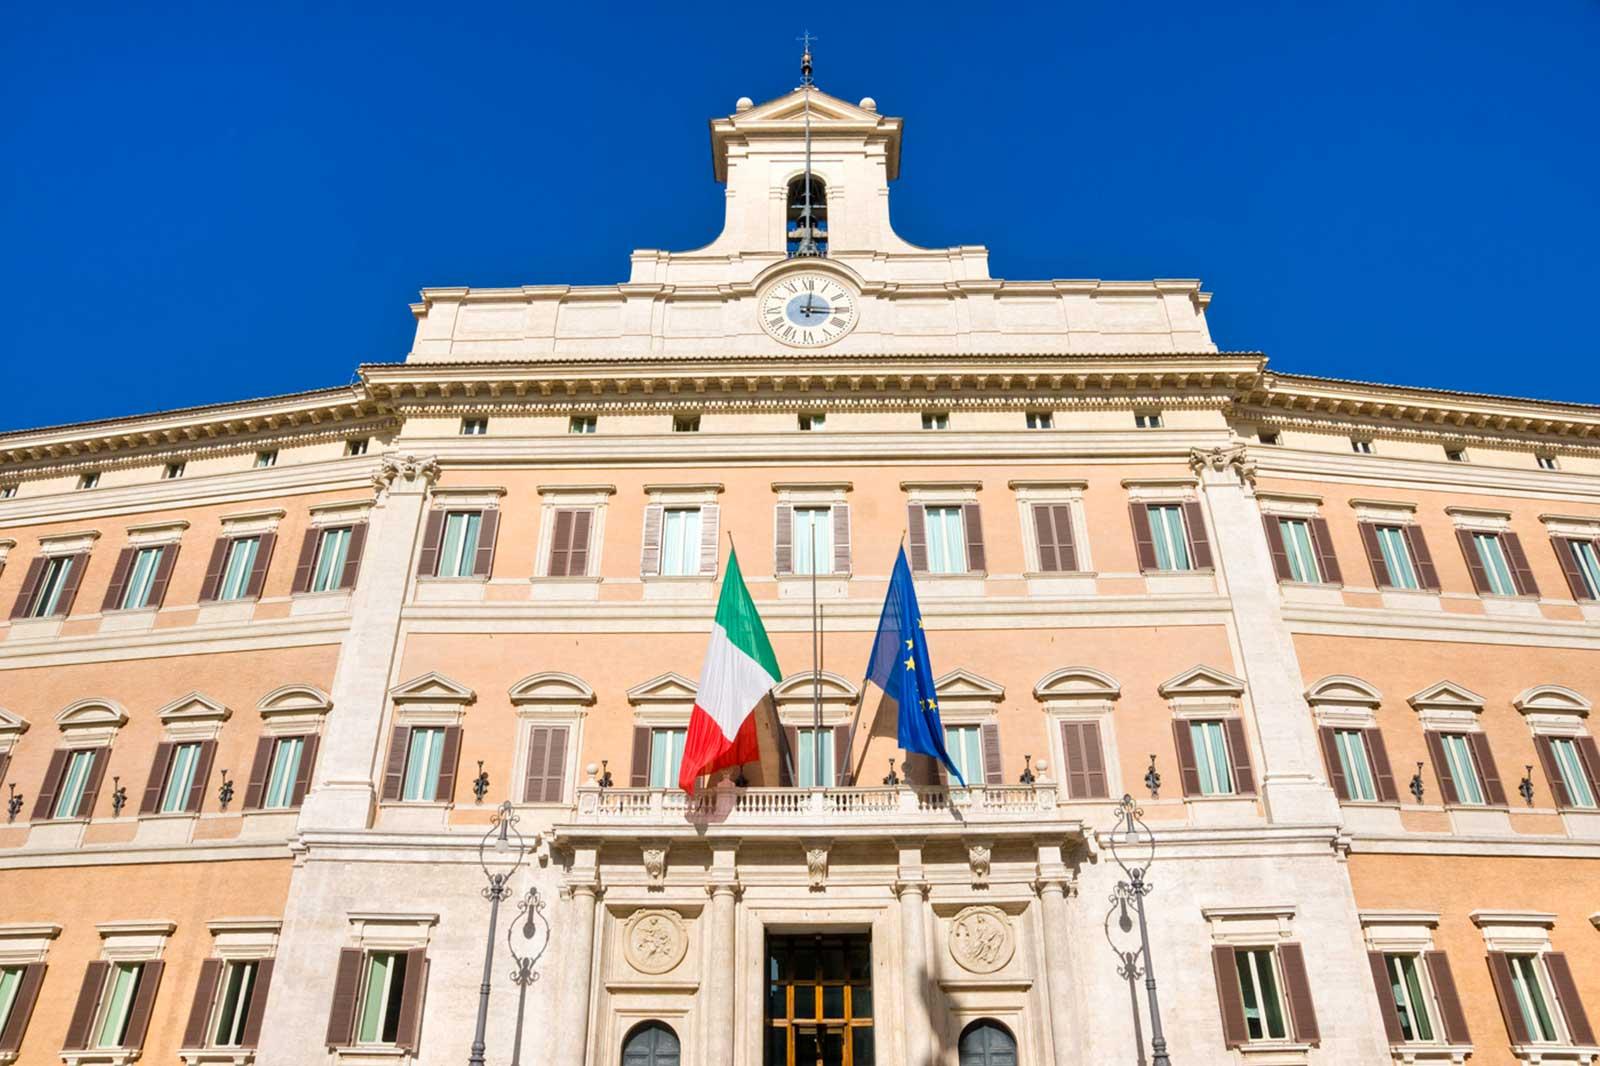 Riordino positivo anche il parere del parlamento vicina for Immagini parlamento italiano